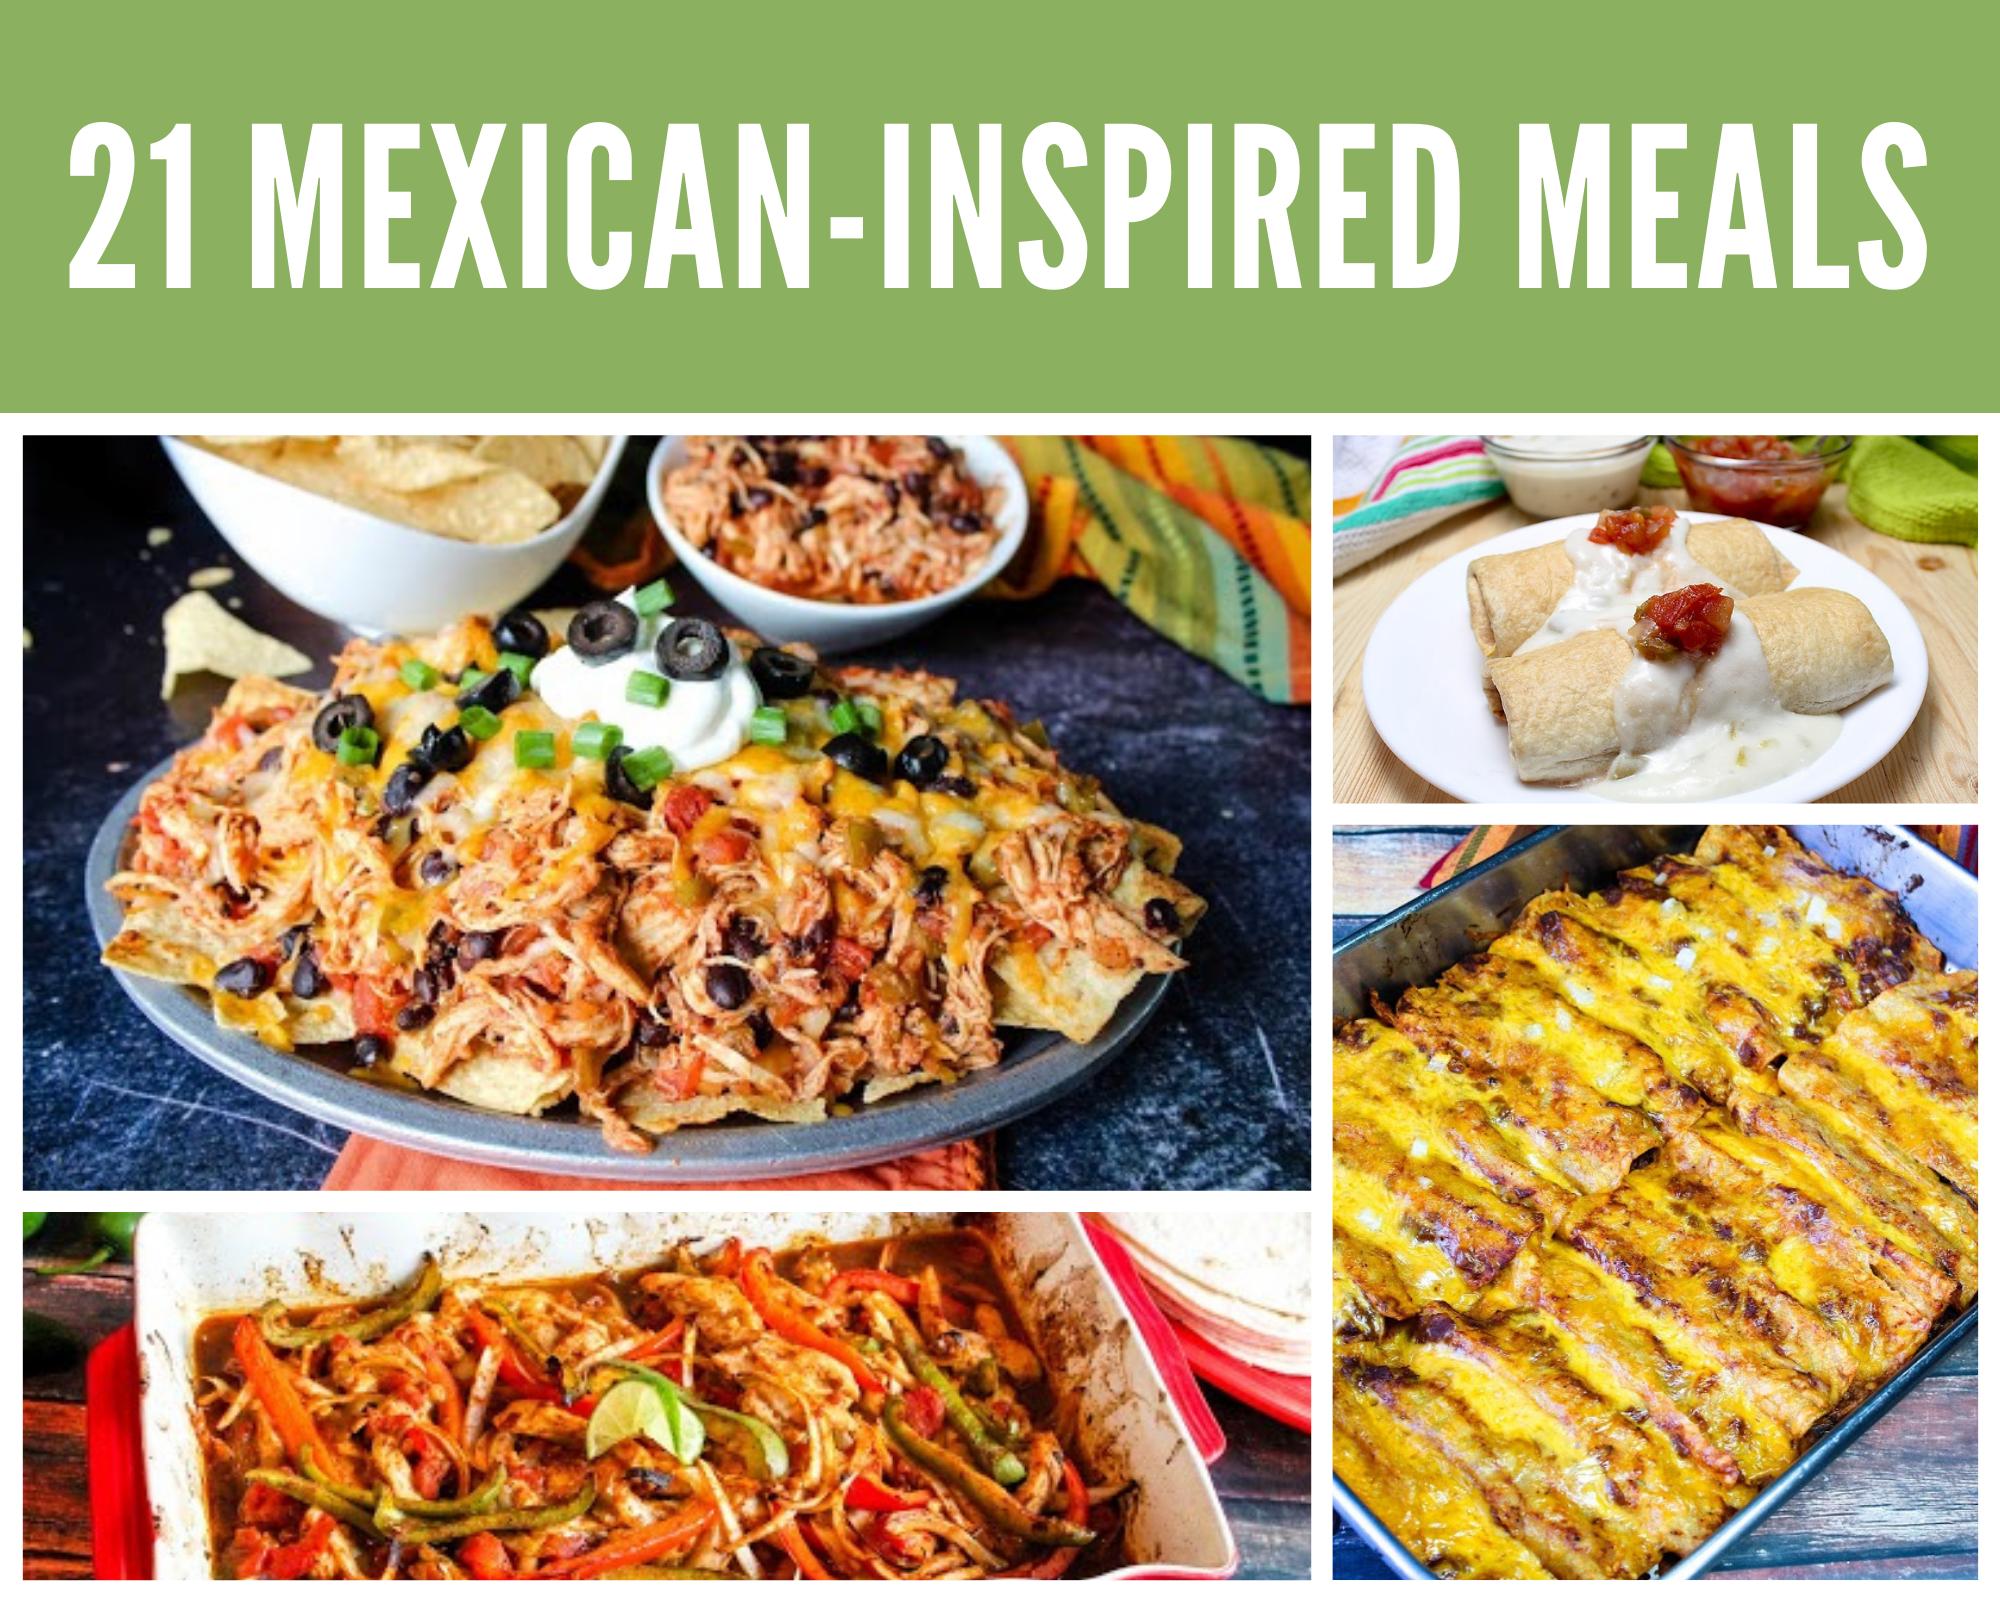 Enchiladas, skillet nachos, fajitas and chimichangas